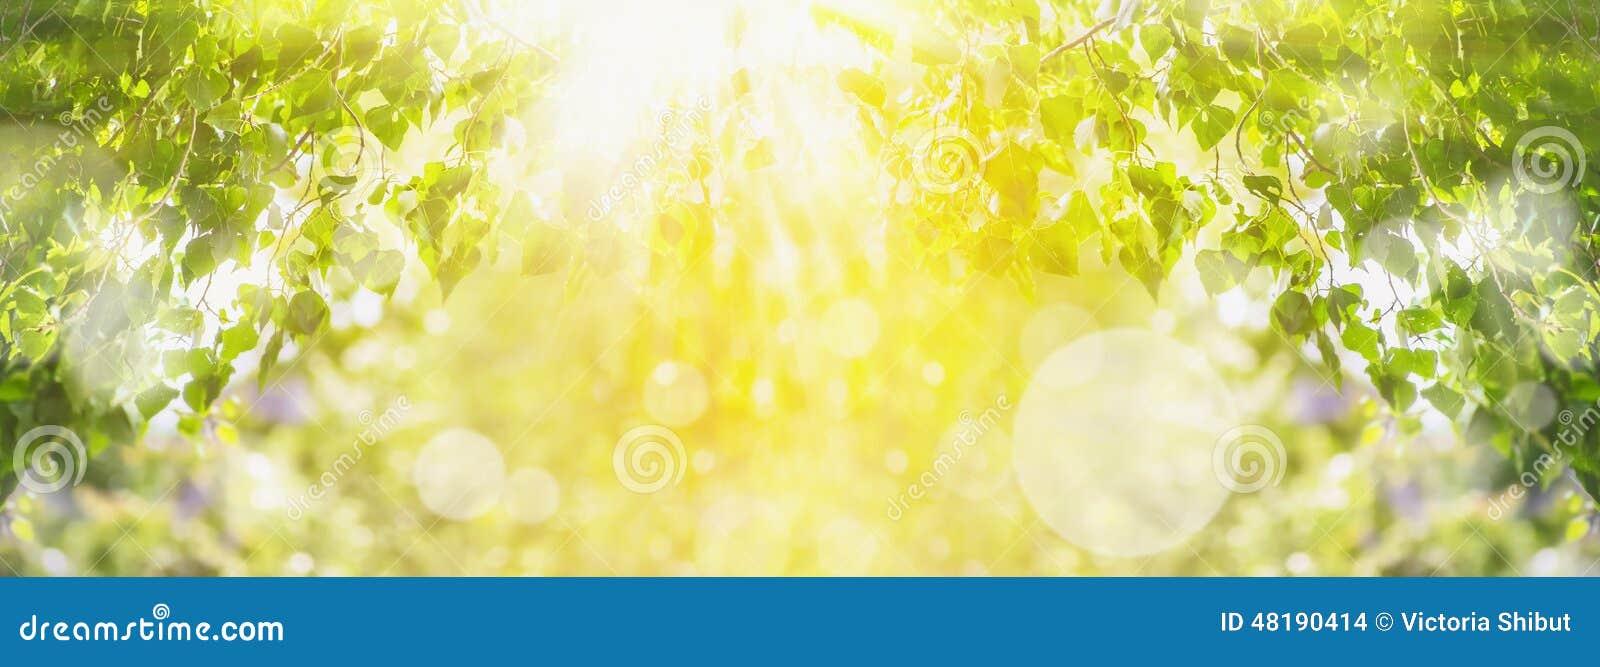 El fondo del verano de la primavera con el árbol verde, la luz del sol y el sol irradia